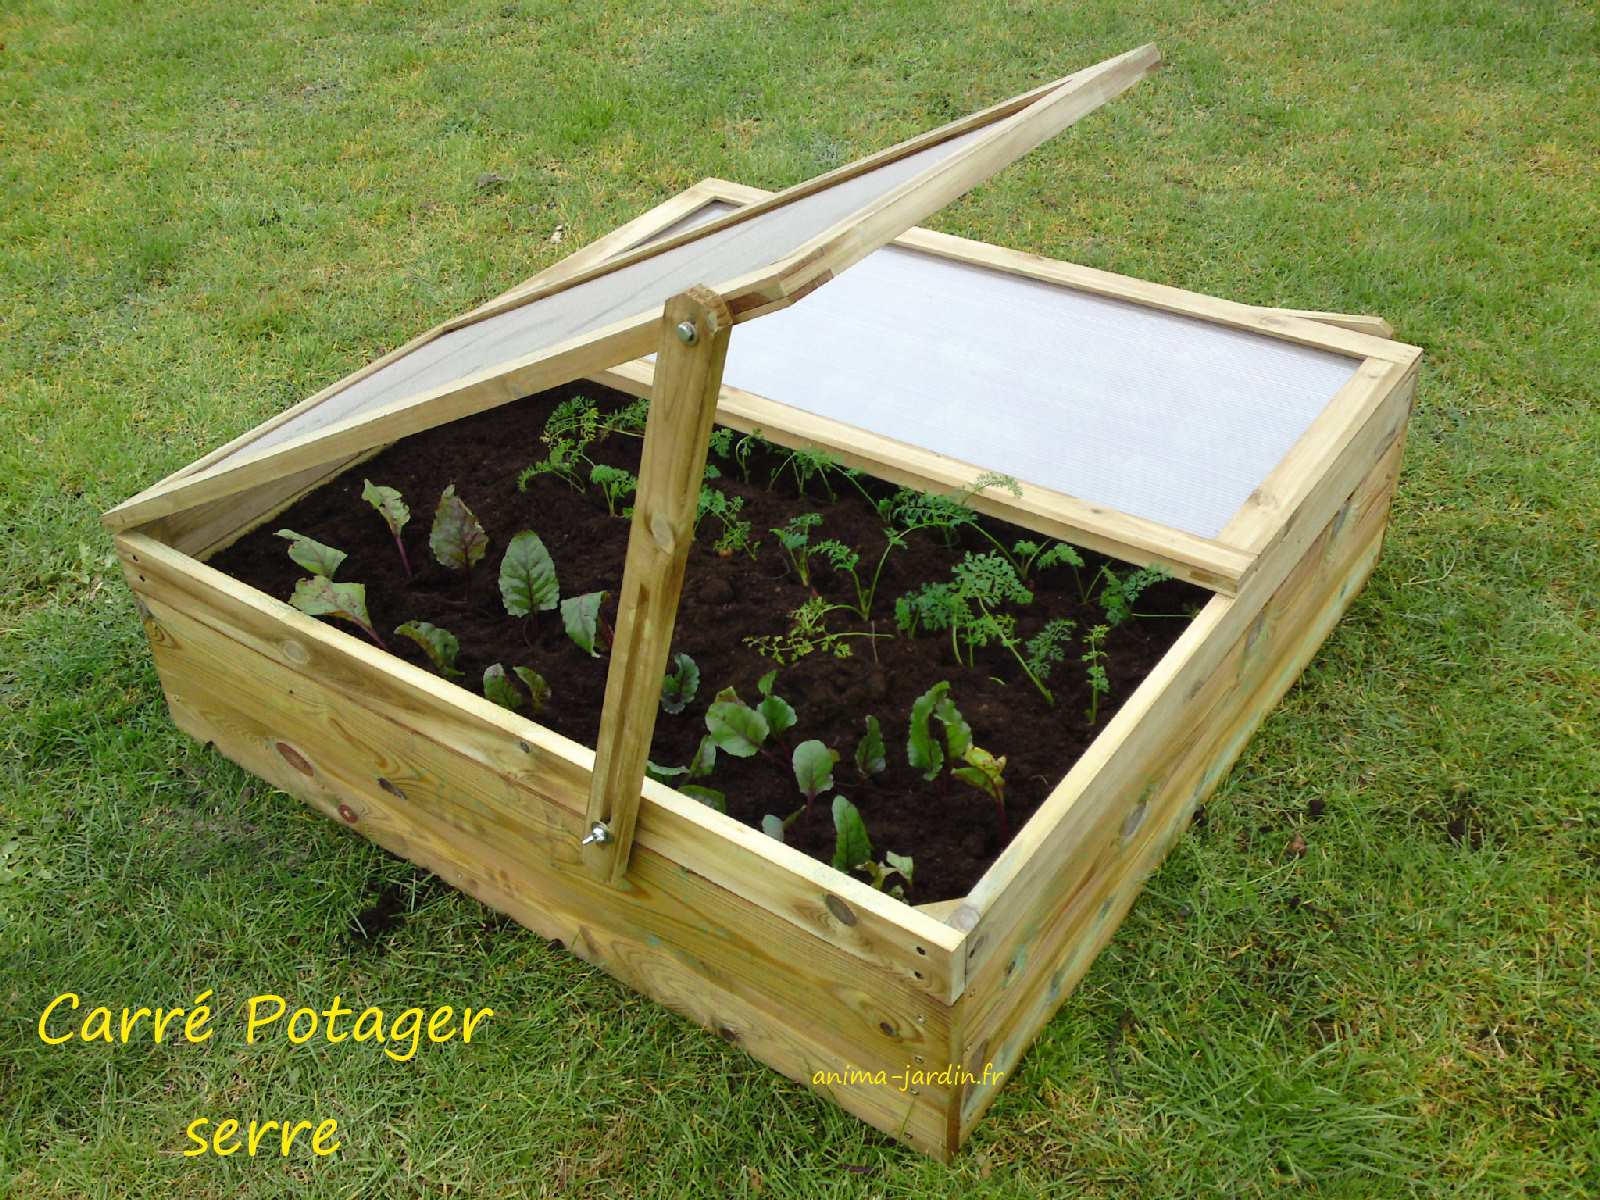 Carr potager en bois mini serre carr de jardin achat vente - Petit jardin potager carre ...